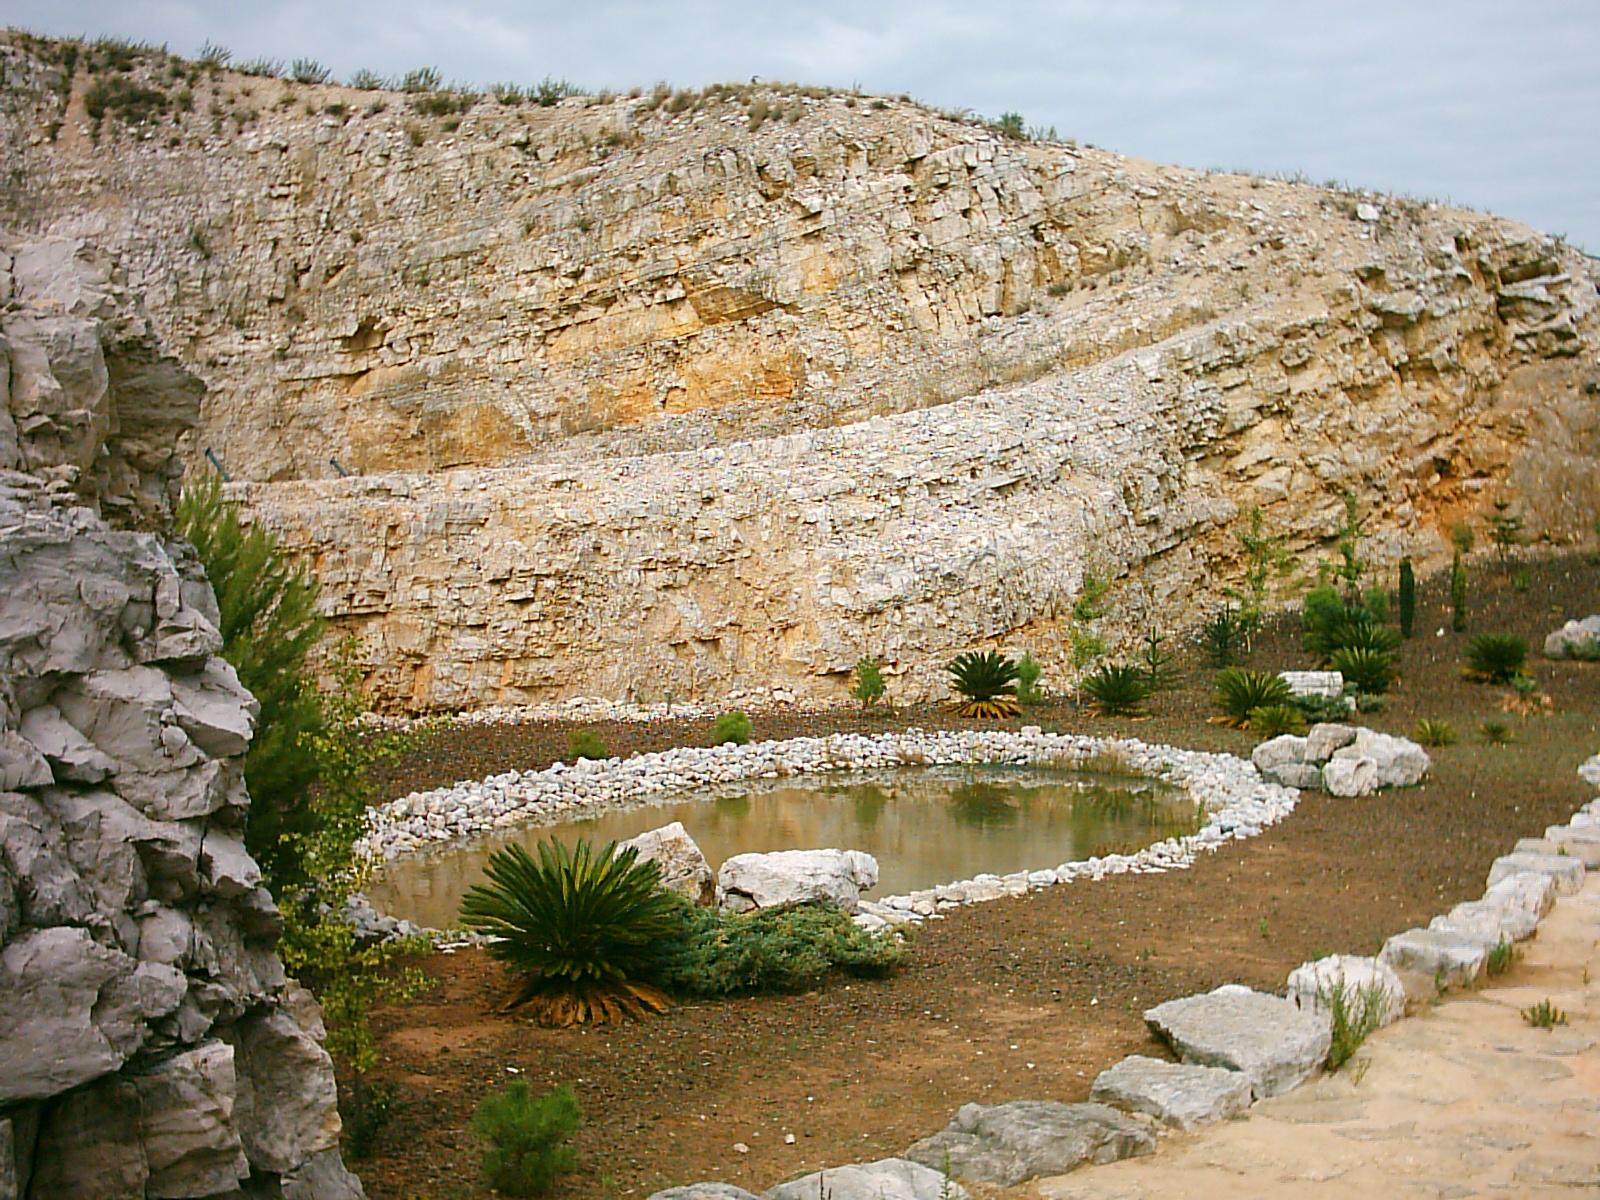 Pegadas de Dinossauro em OurémTorres Novas on emaze